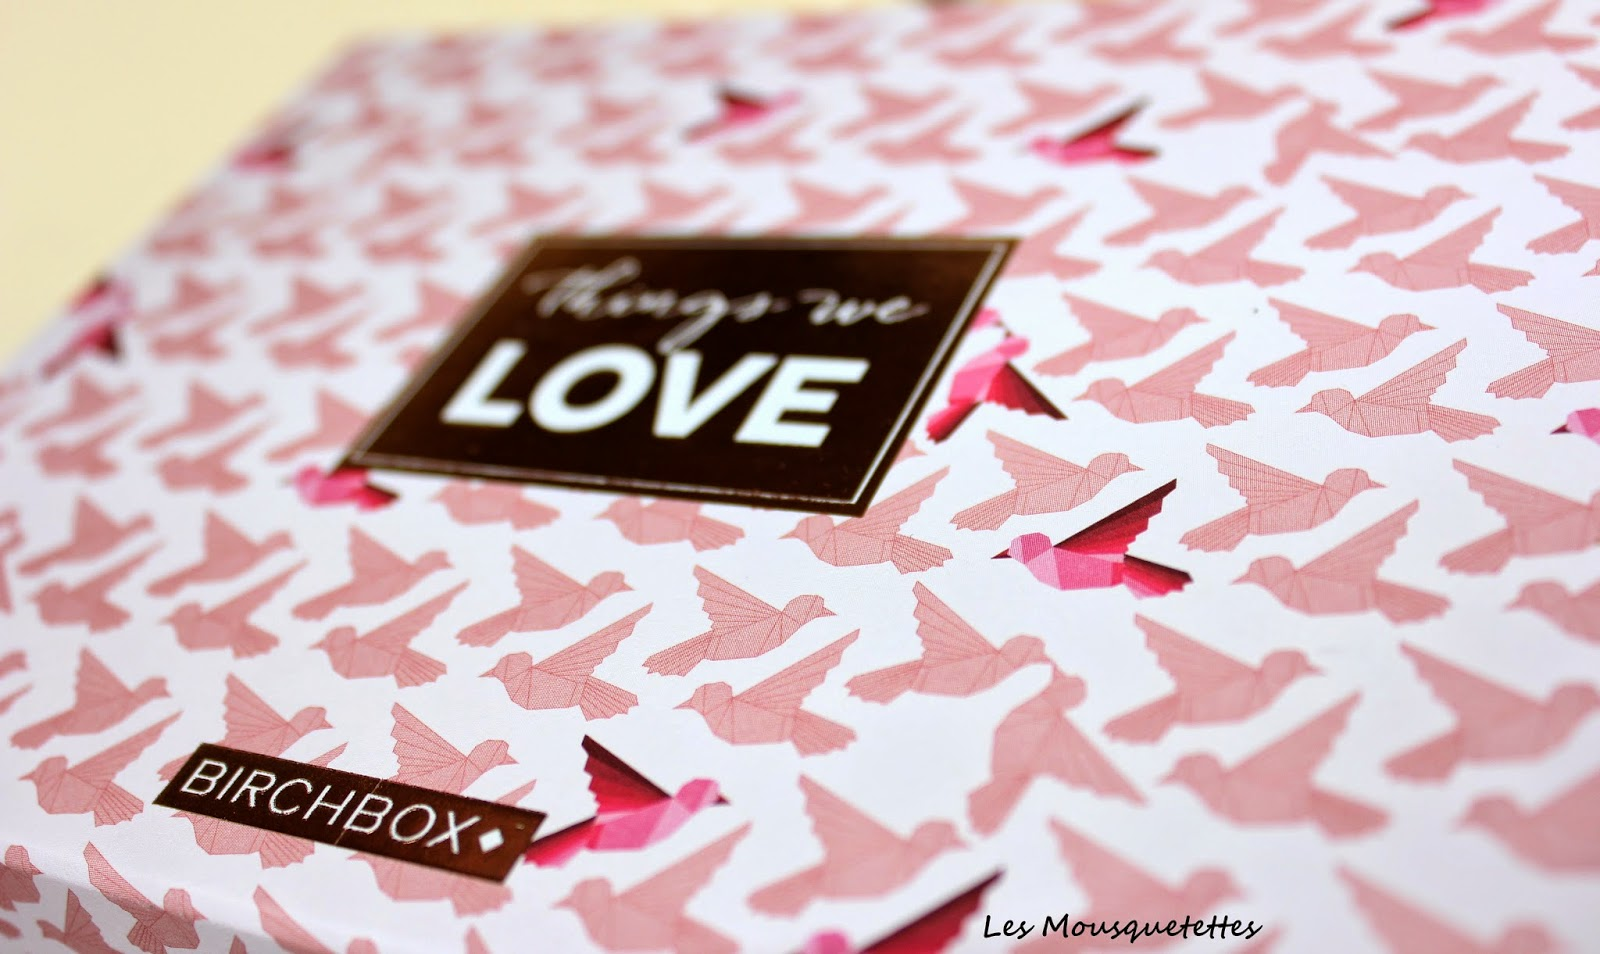 Birchbox février 2015 - Les Mousquetettes©